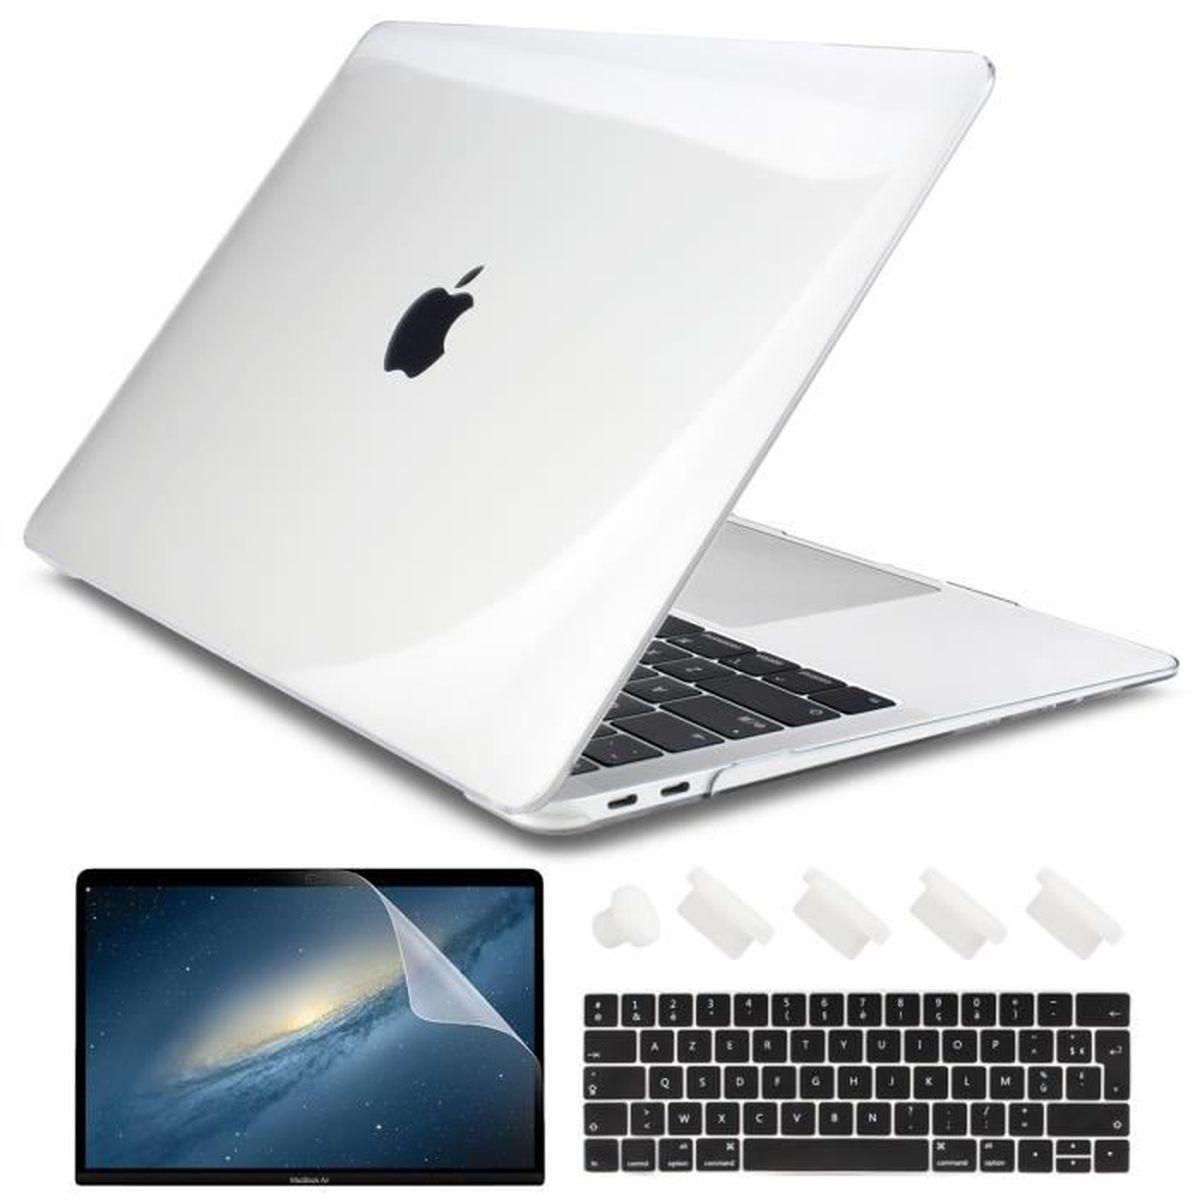 Plastique Coque Rigide/&Protection Clavier/&Essuyer Chiffon Gel MOSISO Coque Compatible avec MacBook Pro 13 Pouces 2020 2019 2018 2017 2016 A2251 A2289 A2159 A1989 A1706 A1708